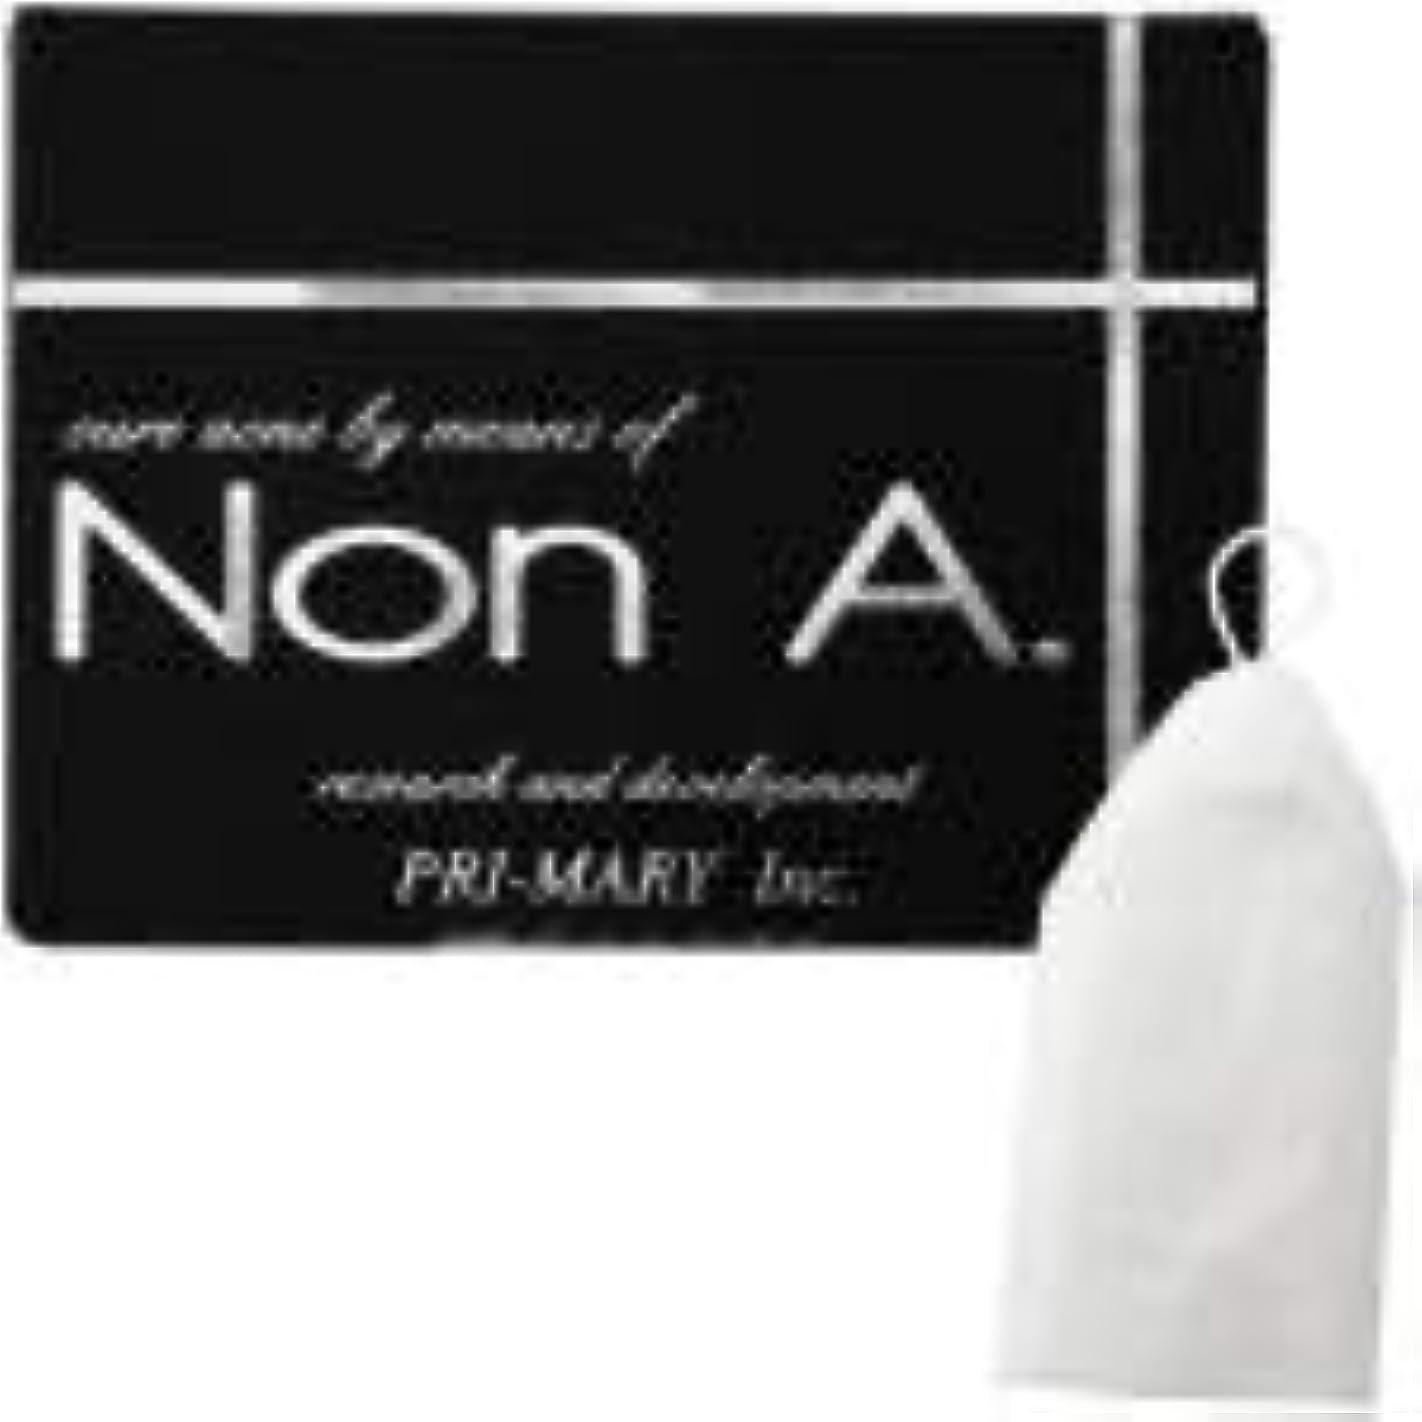 ストッキングピル揺れるNon A. (ノンエー) 洗顔ソープ [ ニキビ対策 / 100g / 洗顔泡立てネット付 ] 洗顔せっけん ピーリング成分不使用 (プライマリー)